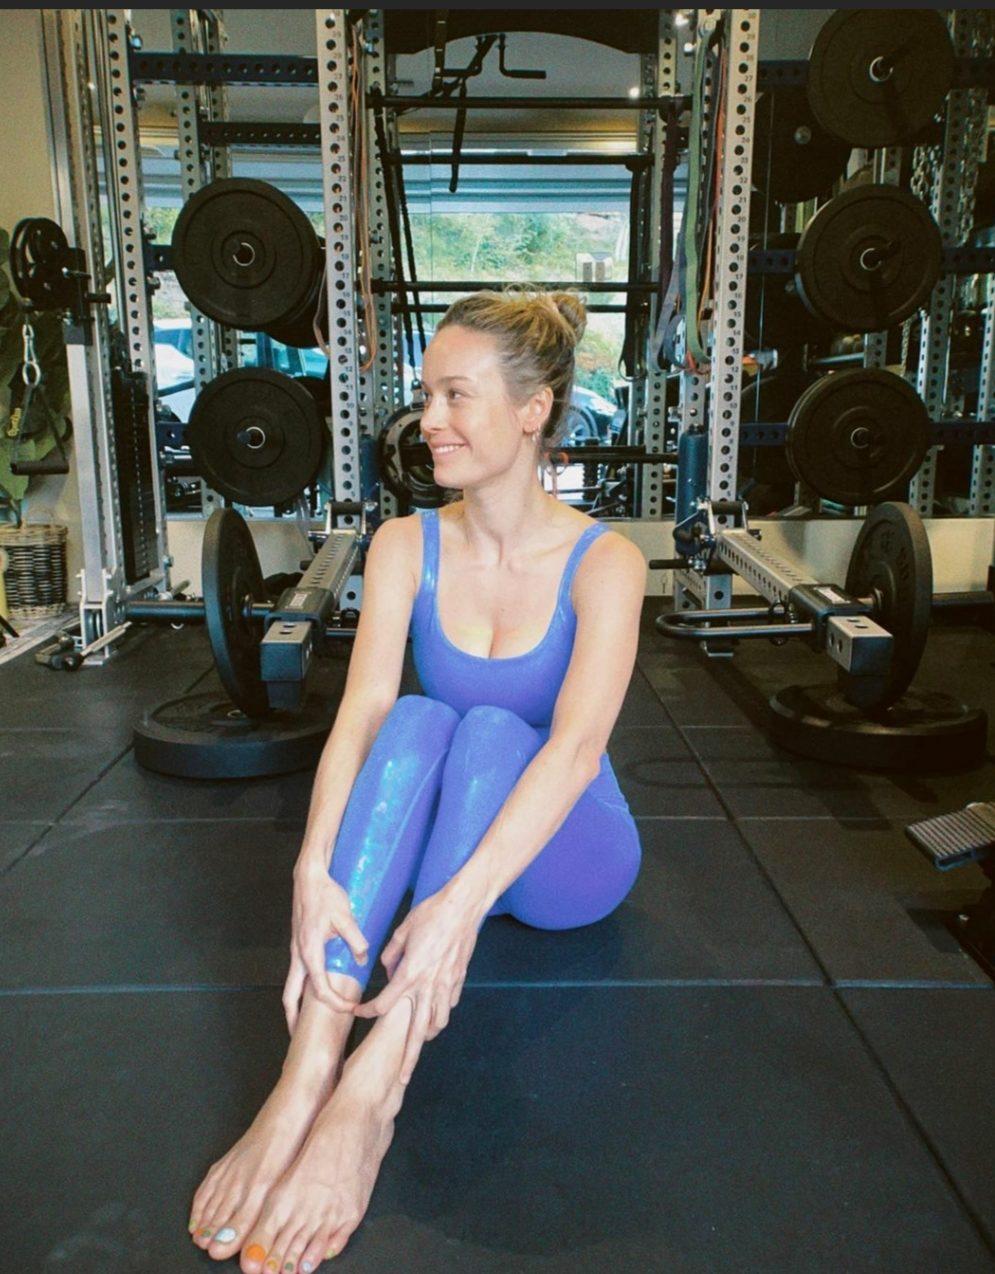 Η Brie Larson θα σου δώσει την απαραίτητη έμπνευση που αναζητάς για το πιο stylish athleisure look